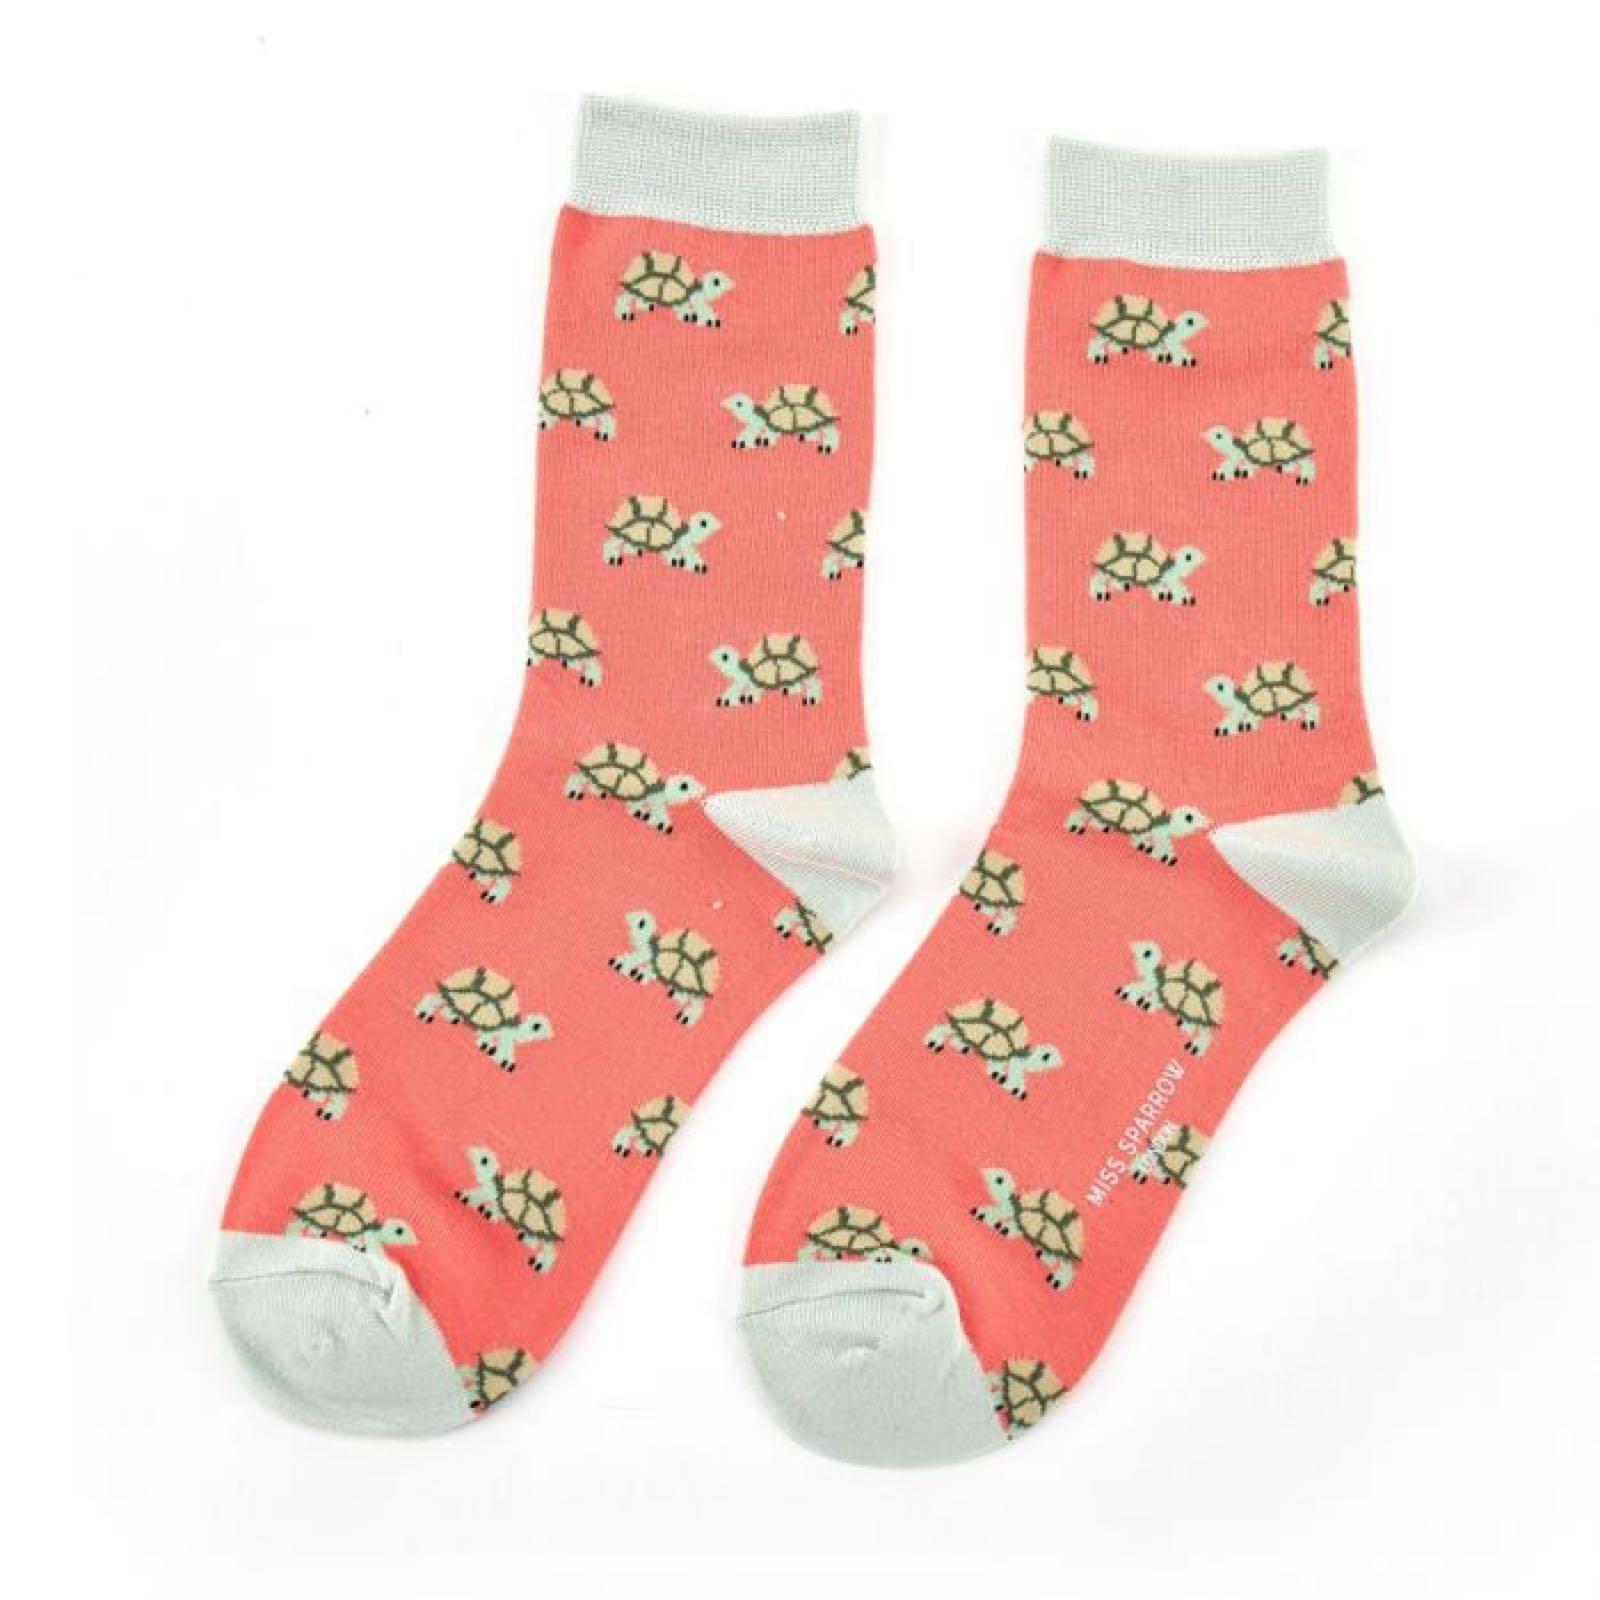 Turtle Socks